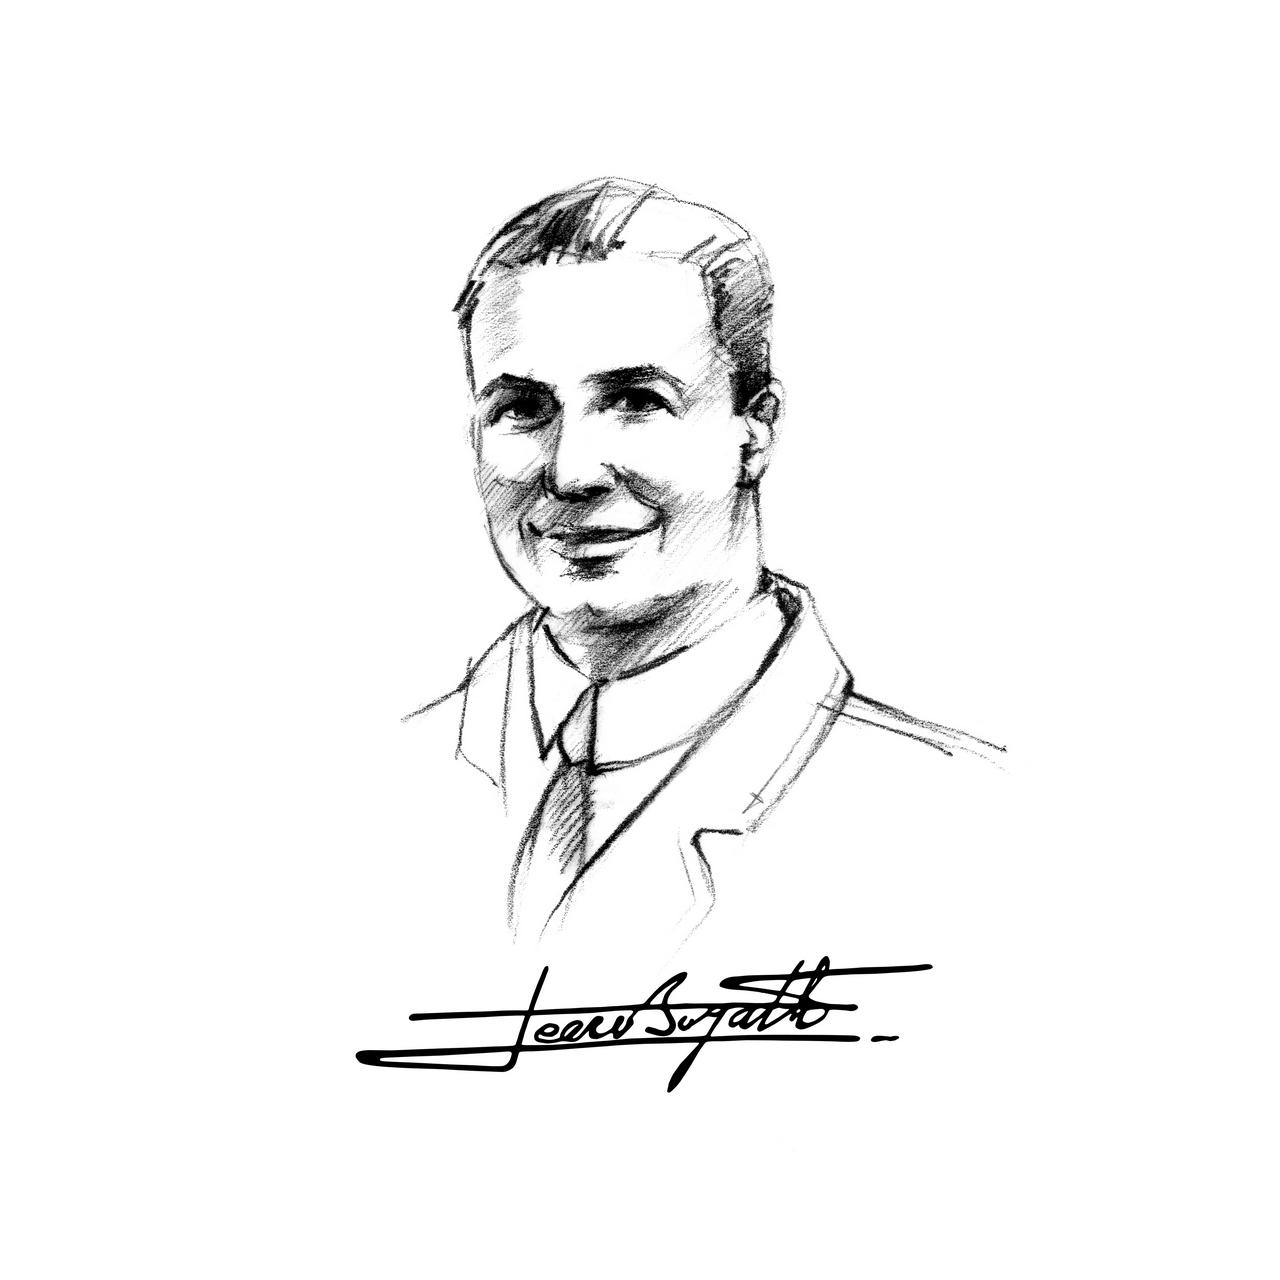 026_Jean Bugatti_sketch_signature_0-100